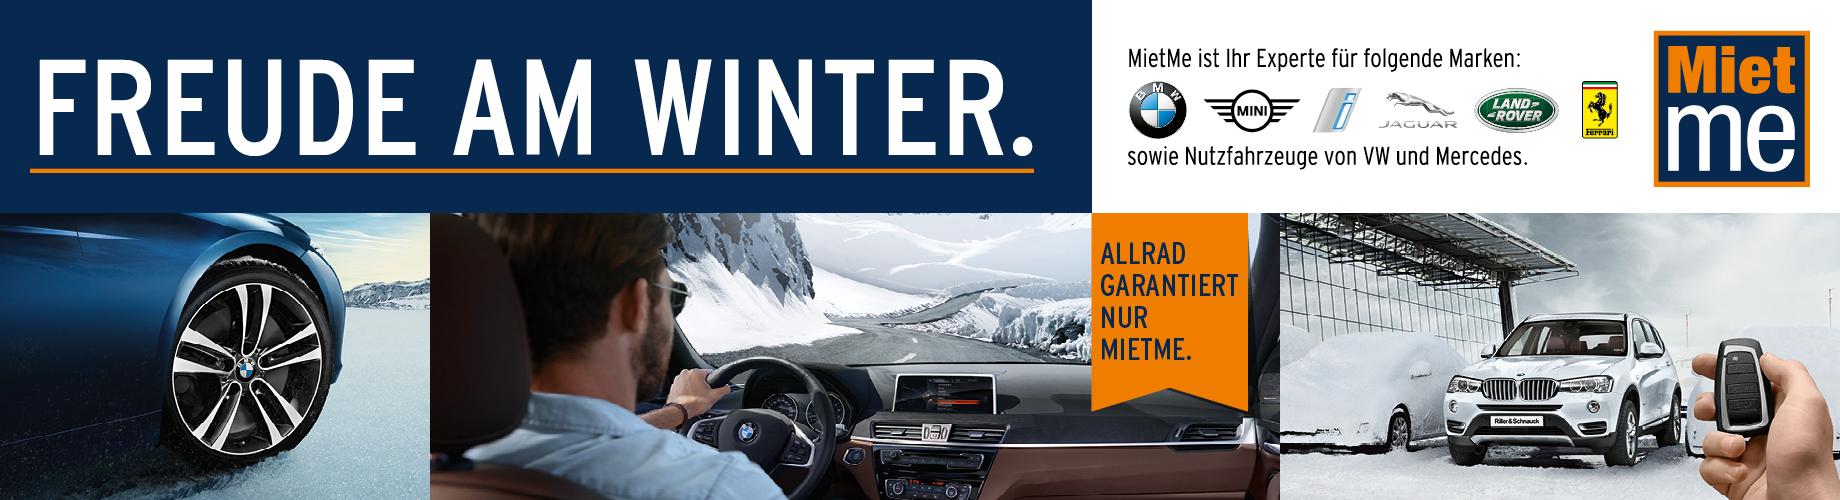 Riller & Schnauck MietMe Autovermietung Berlin